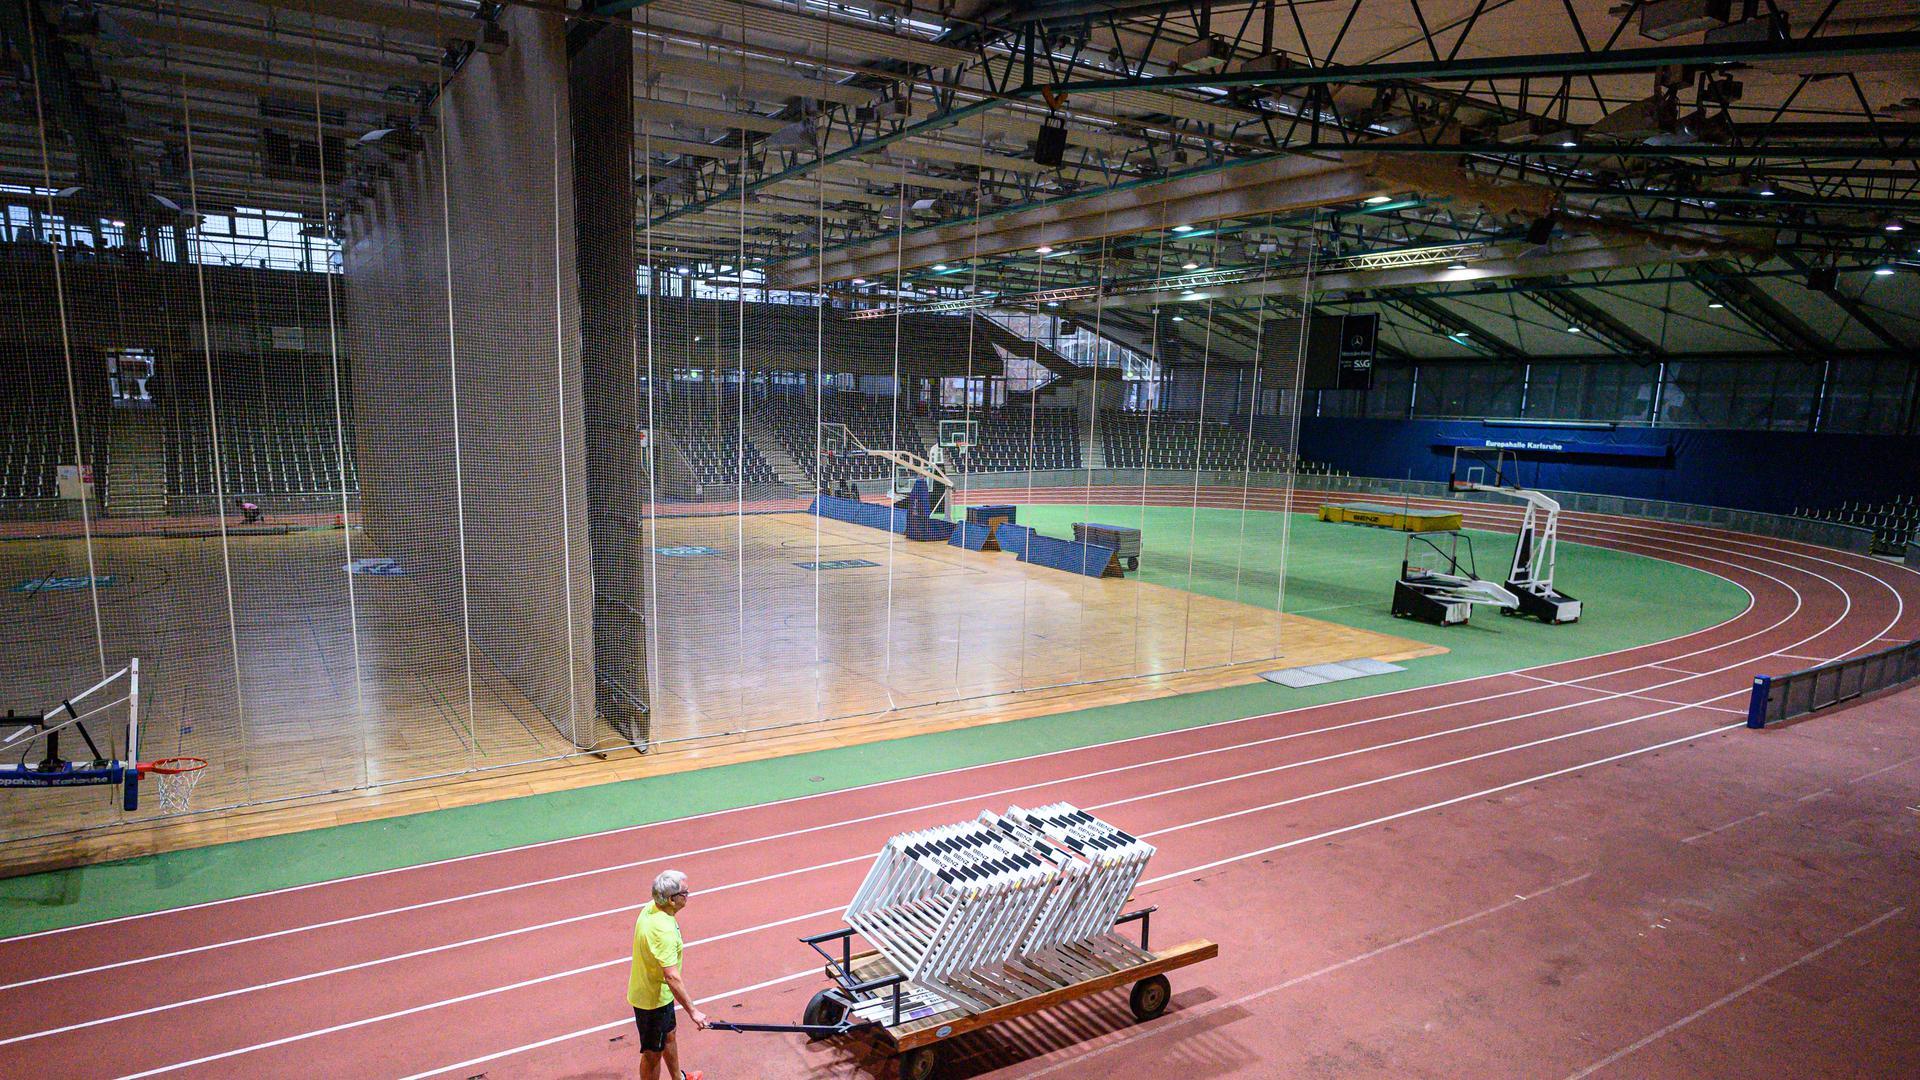 Training in Zeiten von Corona in der Europahalle.   Training der LG Region Karlsruhe, Europahalle. GES/ Leichtathletik/ Training LGR Karlsruhe, 19.01.2021